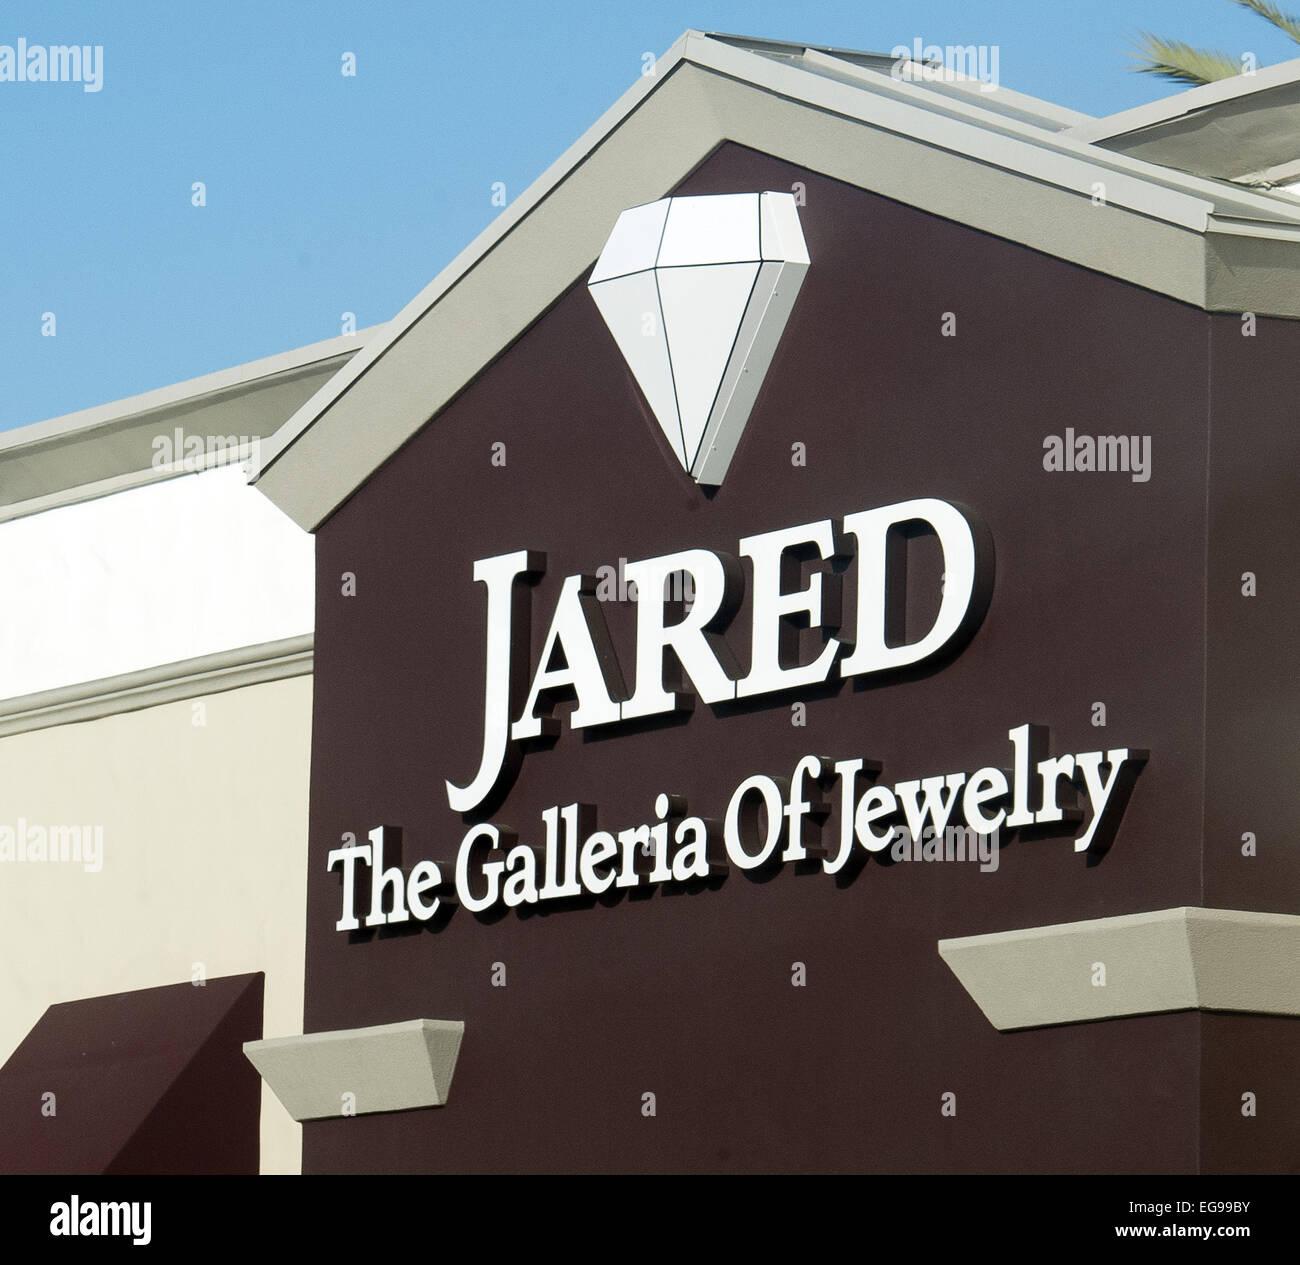 Costa Mesa California USA 19th Feb 2015 Jared The Galleria of